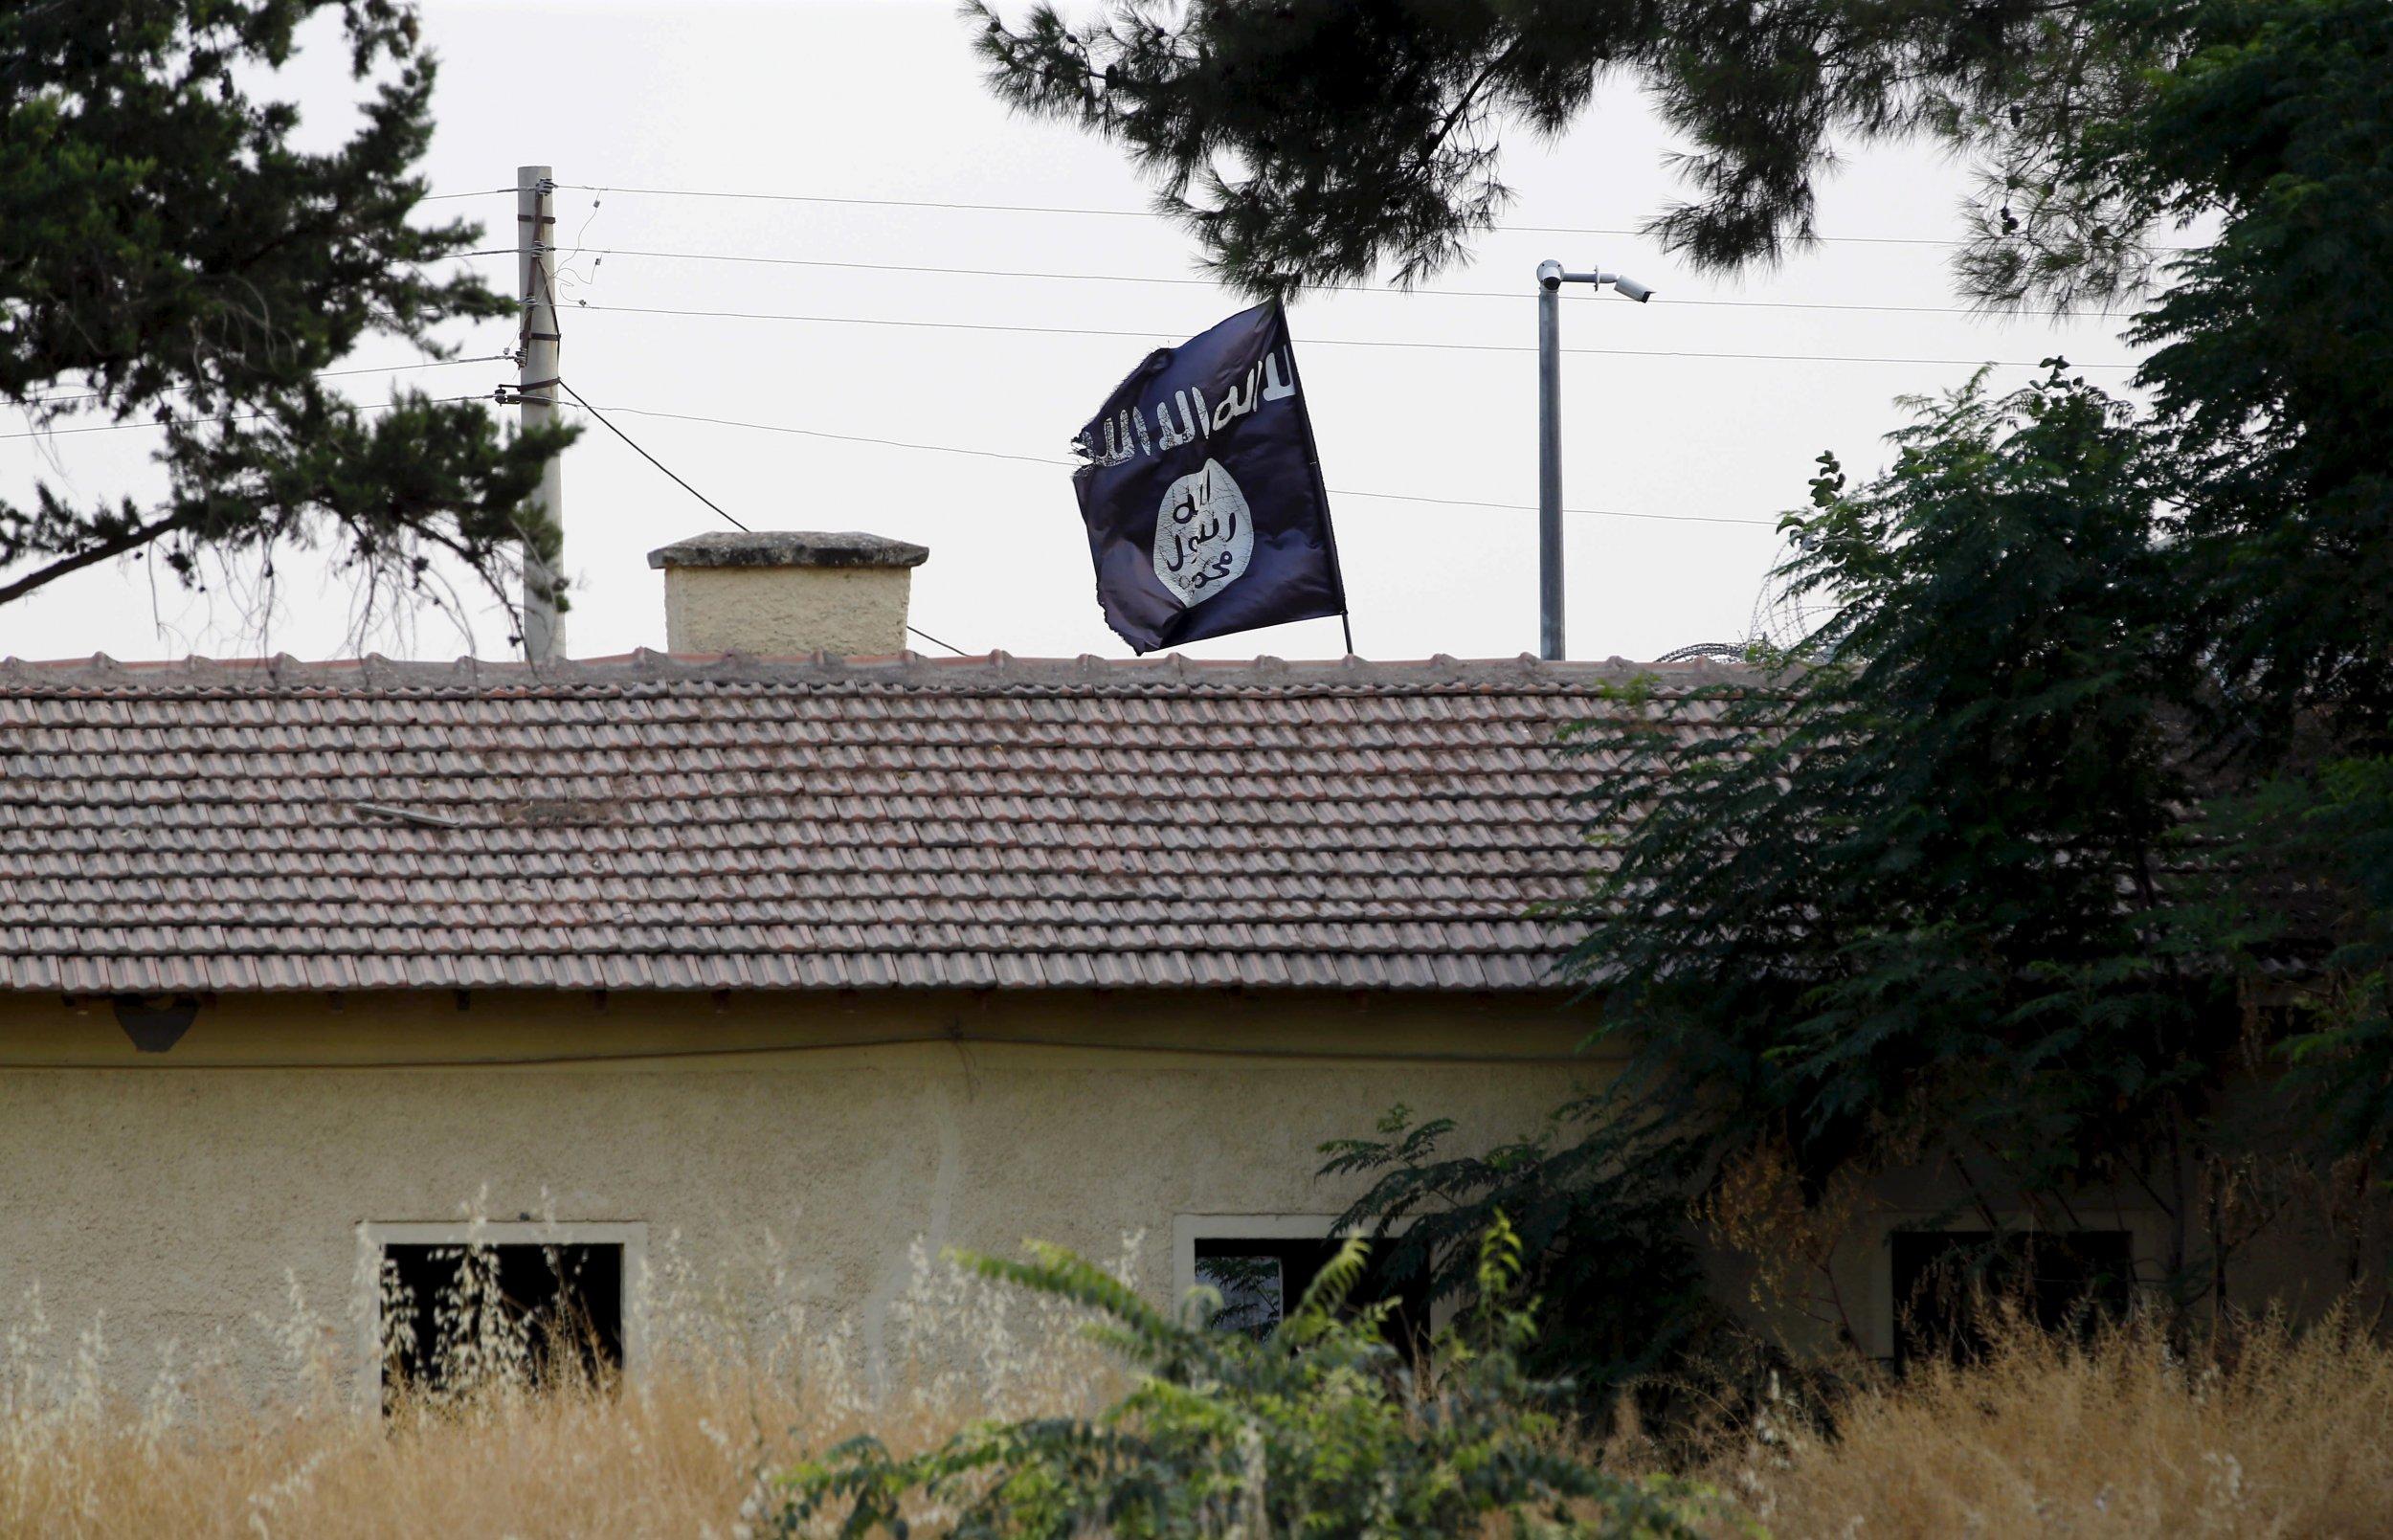 08_19_IslamicState_01